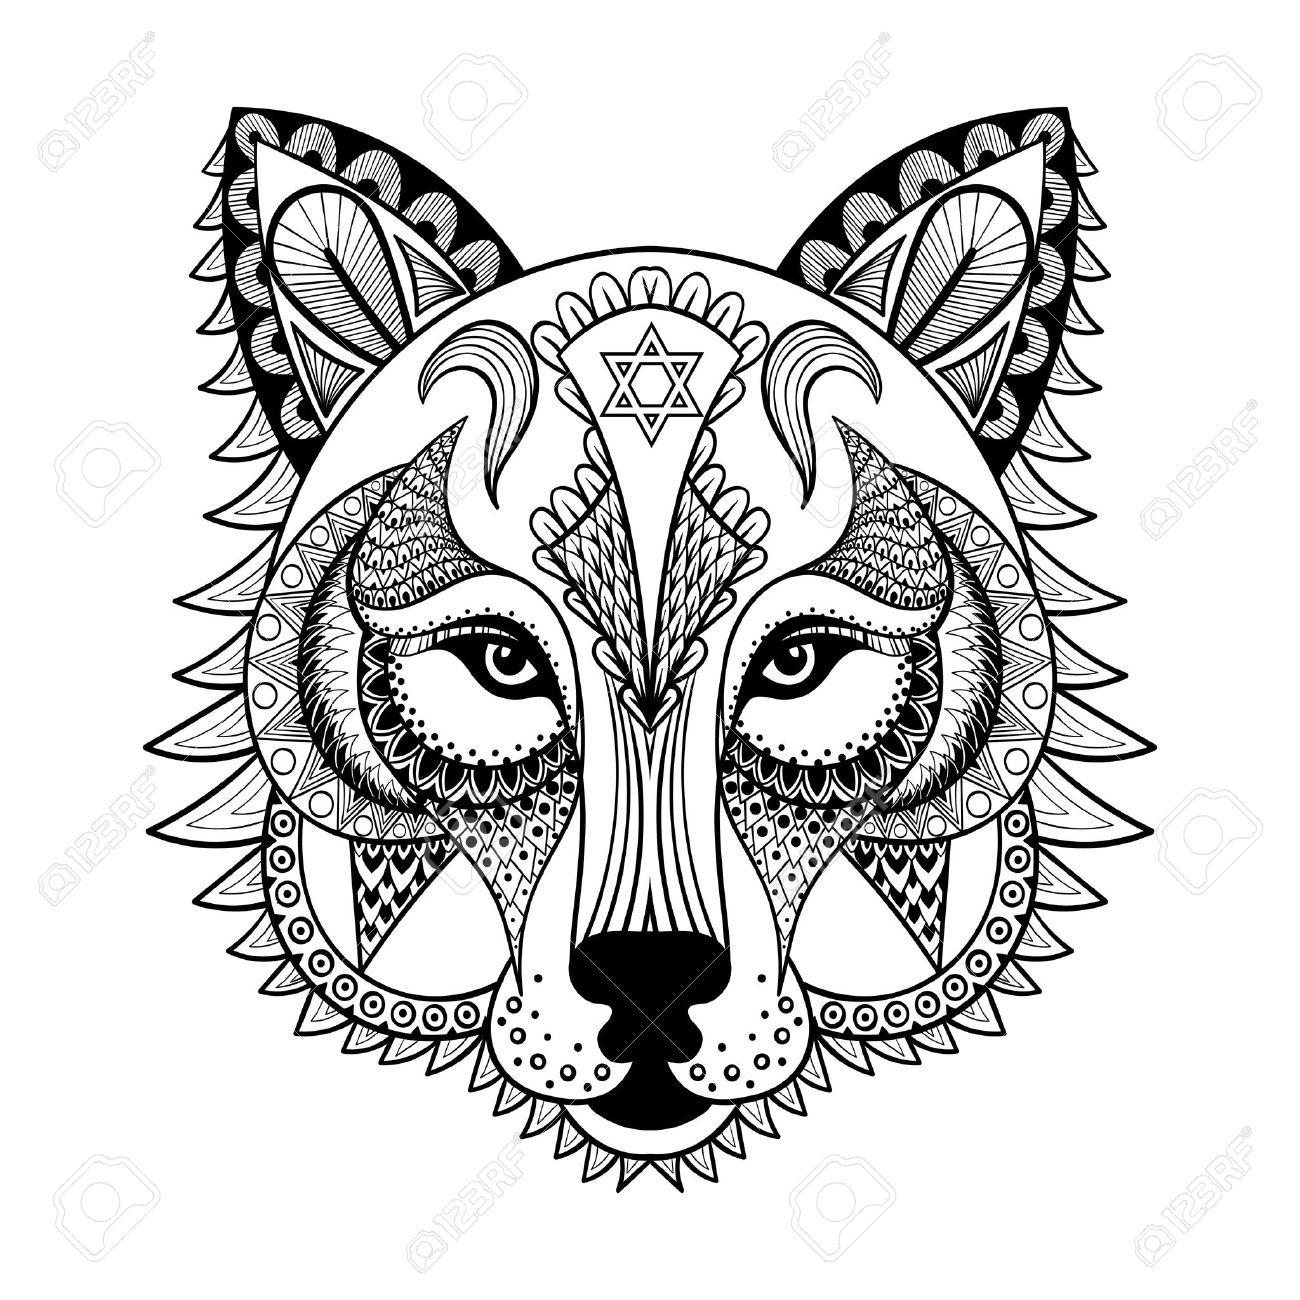 Vector Ornamental Del Lobo La Mascota étnica Zentangled Amuleto La Máscara De Un Hombre Lobo Animal Con Dibujos Para Colorear Páginas Para